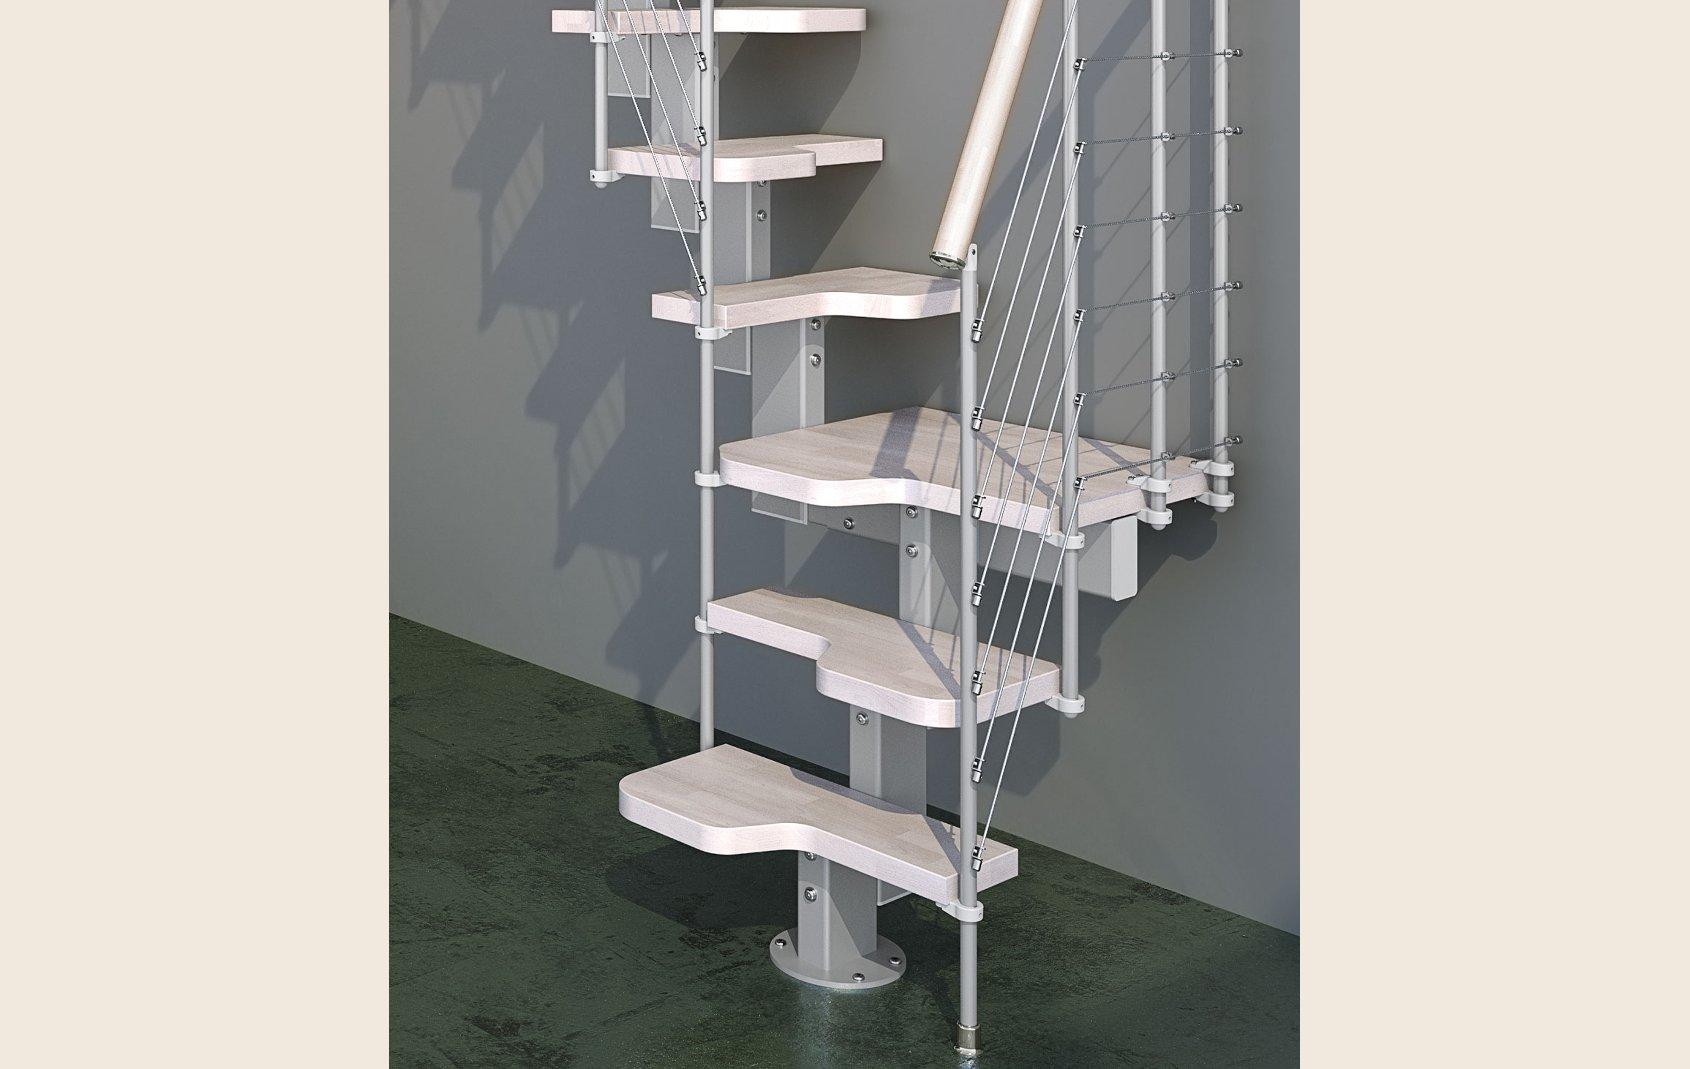 Escalera para altillo amazing escaleras plegables with for Escaleras para altillo